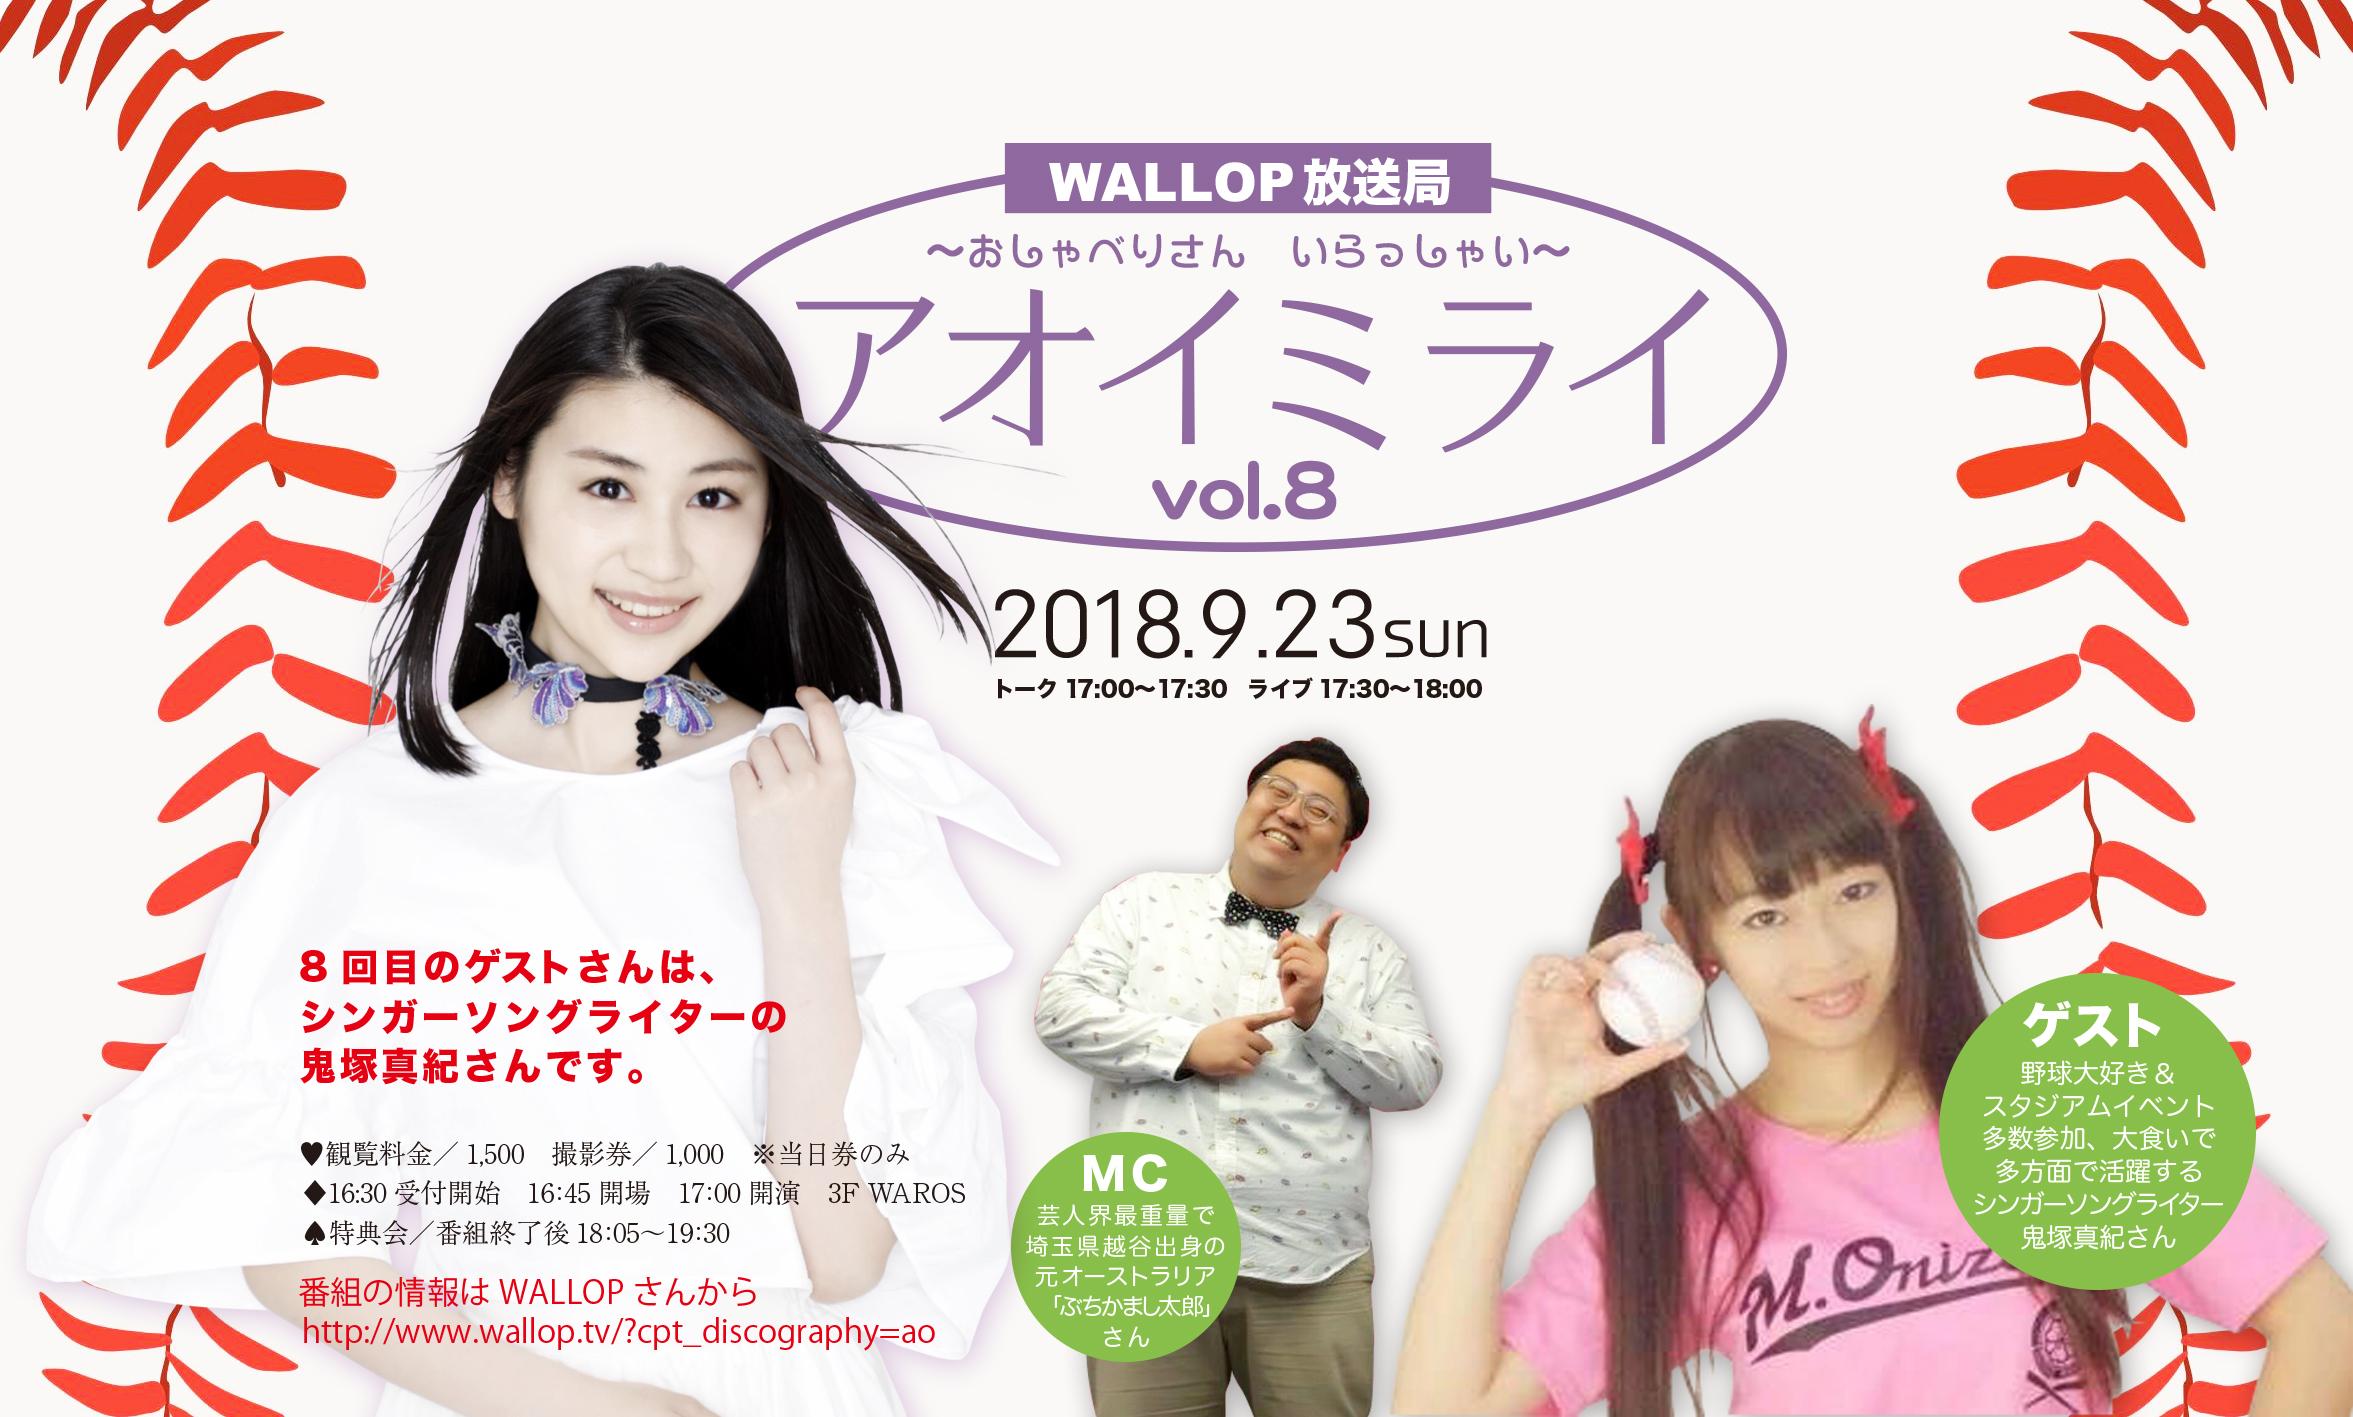 9/23(日)WALLOP「アオイミライ」〜おしゃべりさん、いらっしゃい〜vol. 8